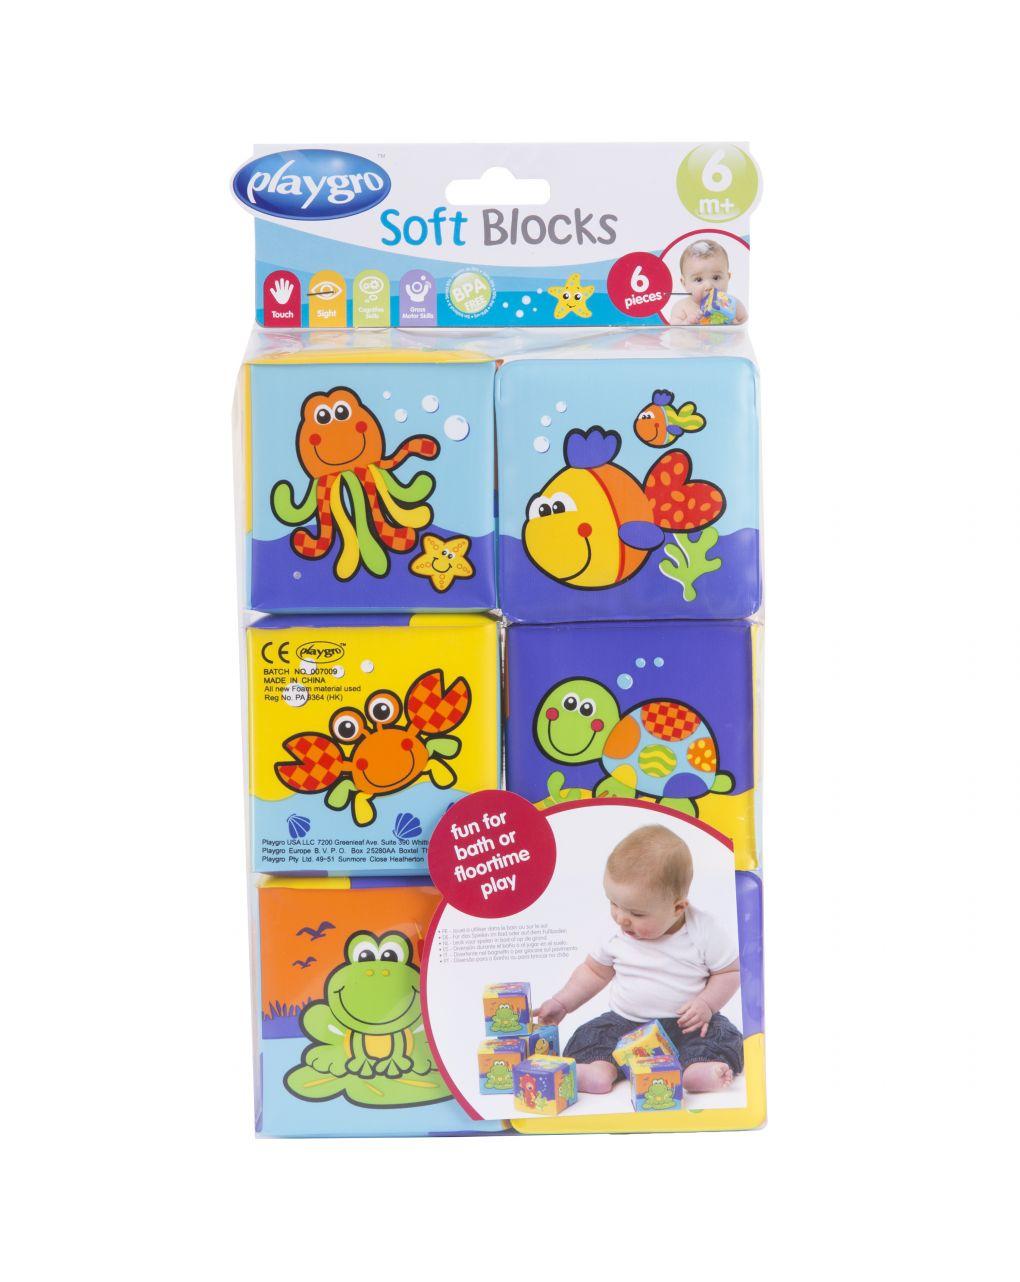 Playgro - soft blocks - Playgro